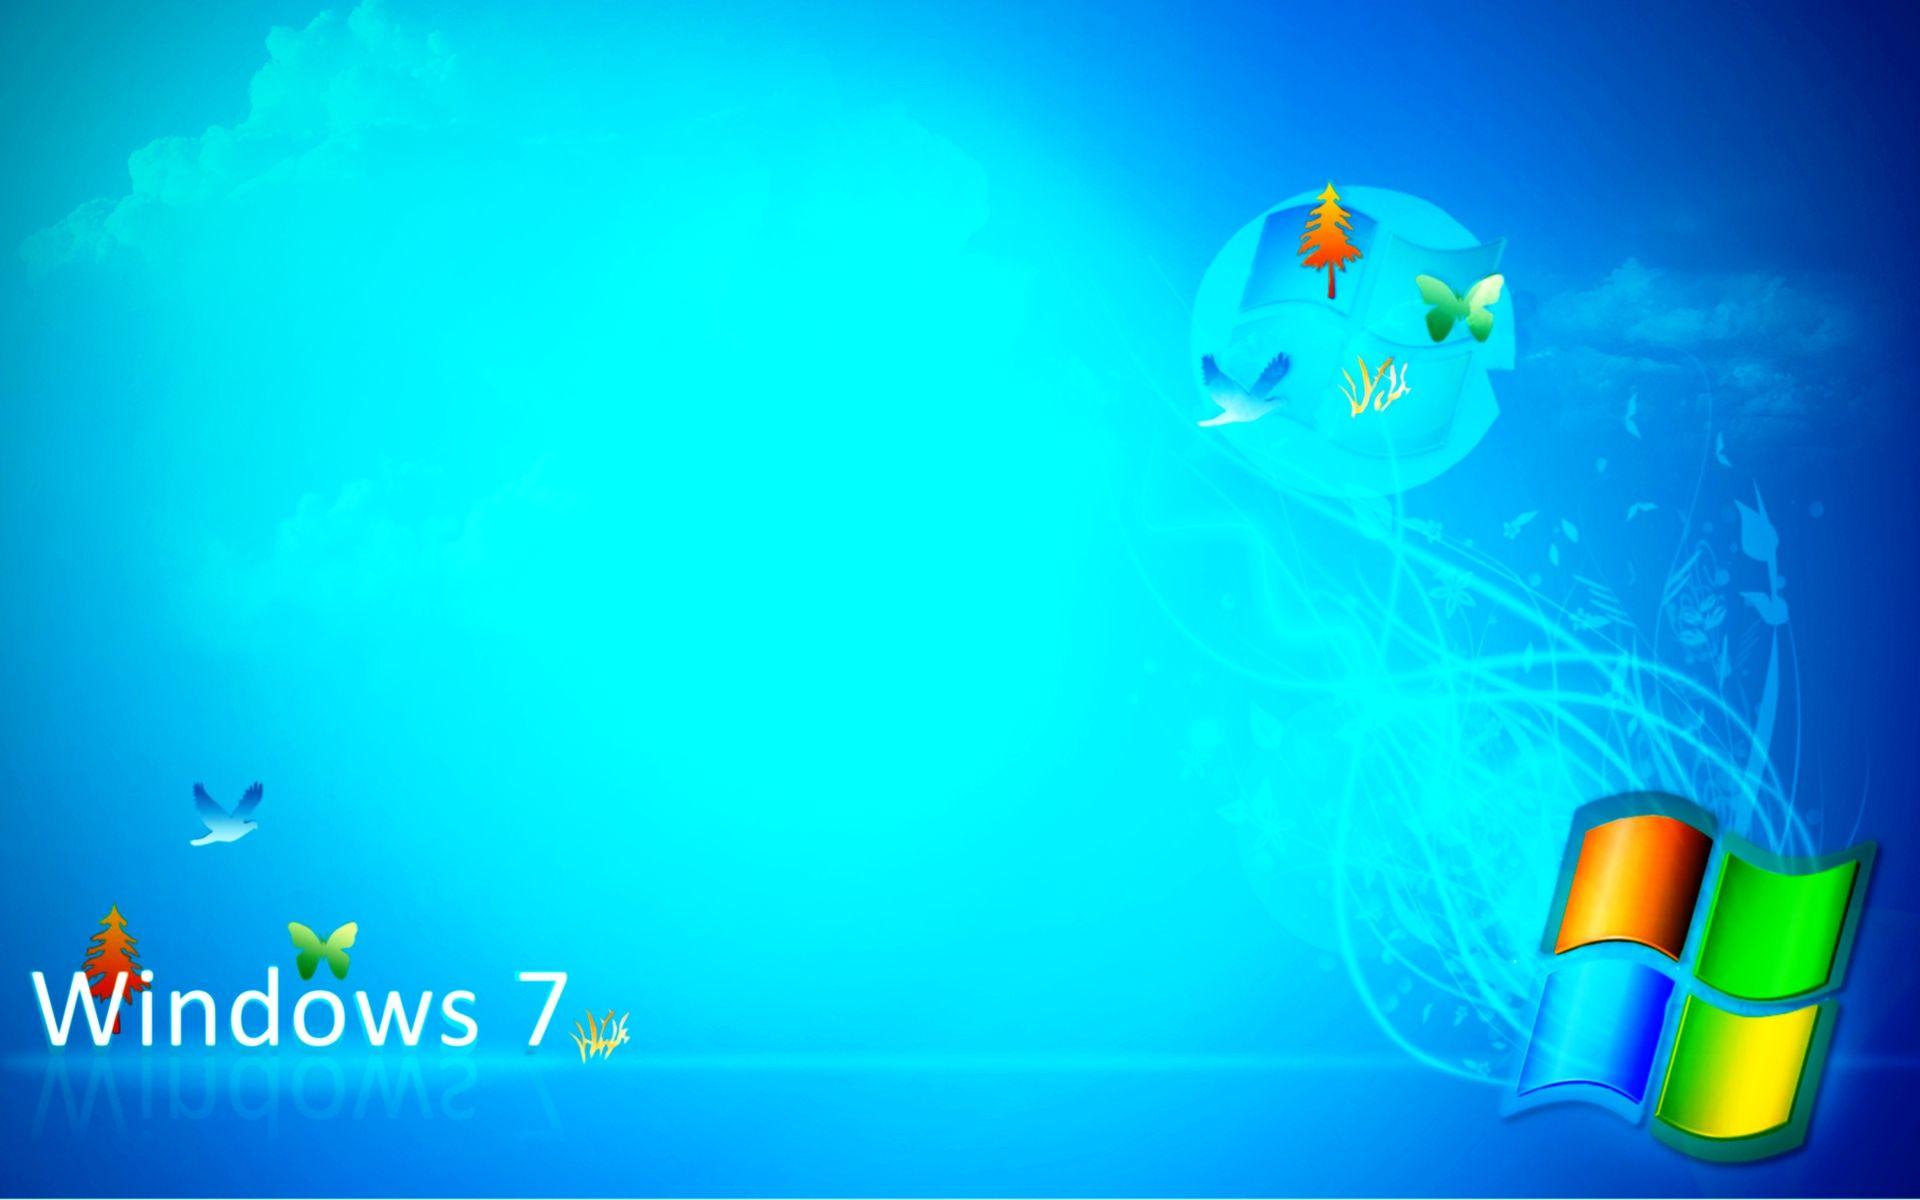 Wallpaper download pinterest -  Windows 7 Wallpaper Pinterest 17